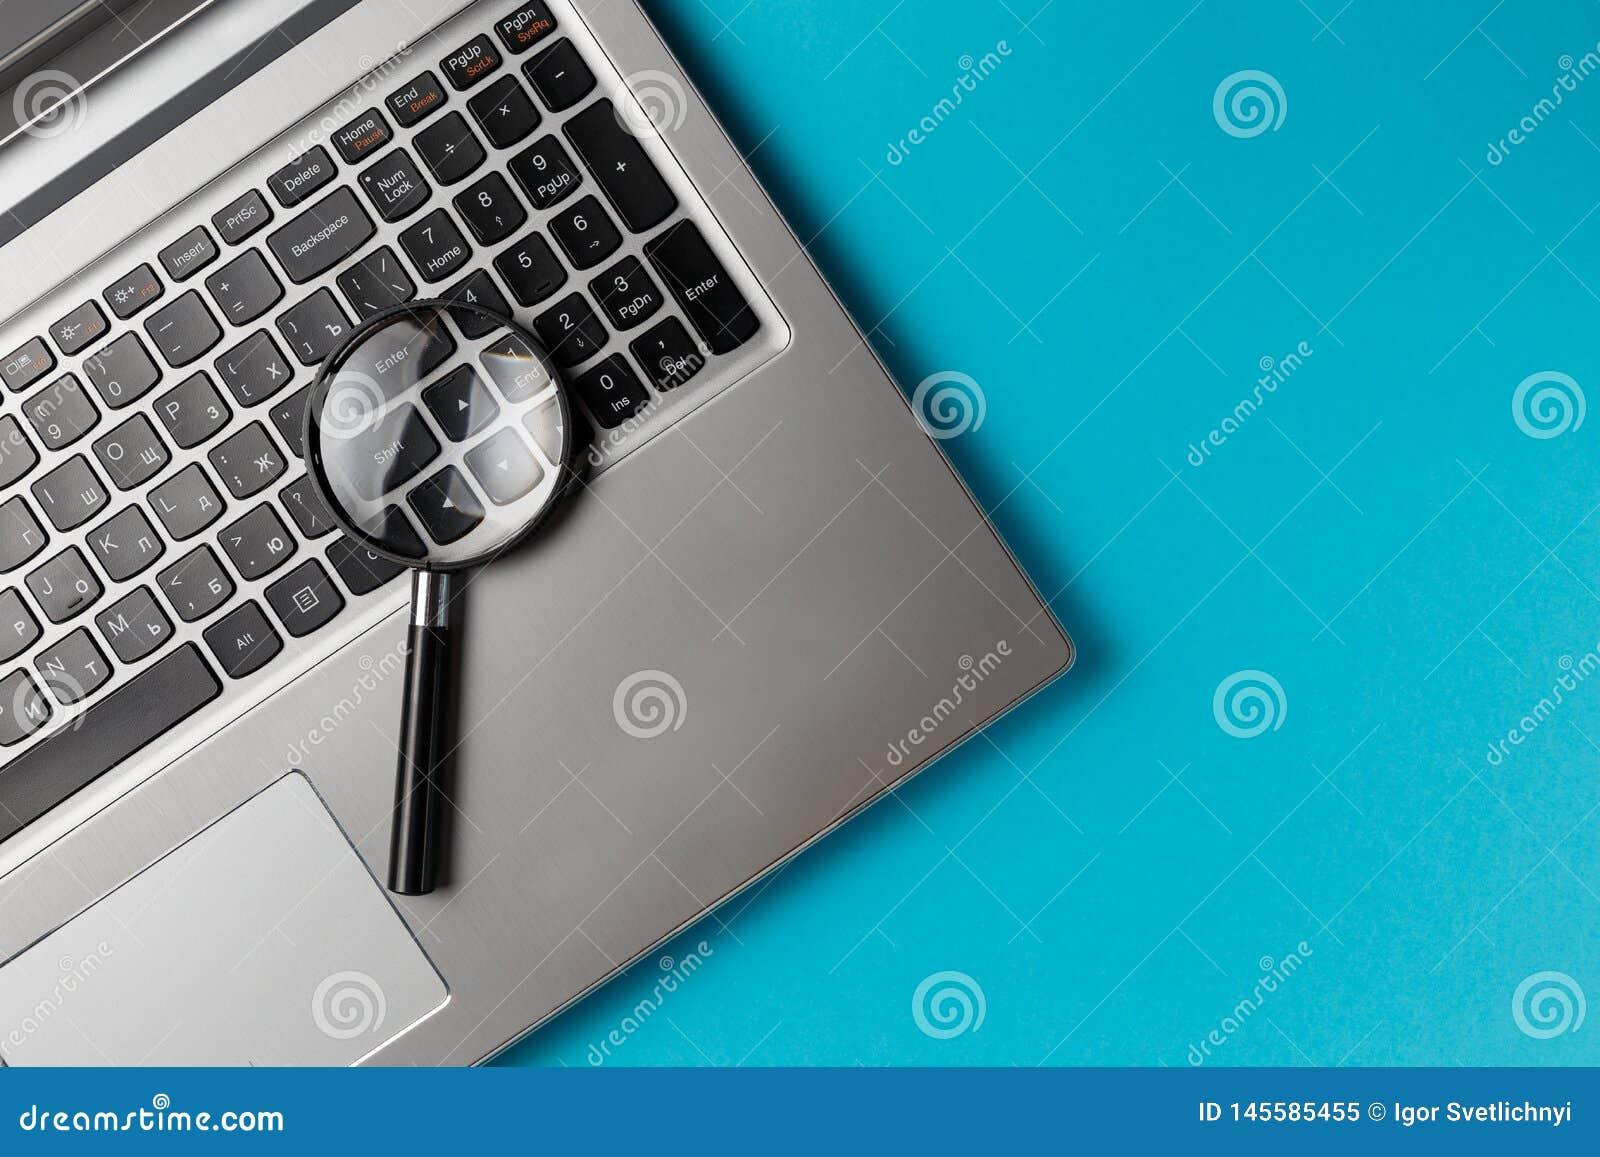 Laptop-Computer mit Vergr??erungsglas